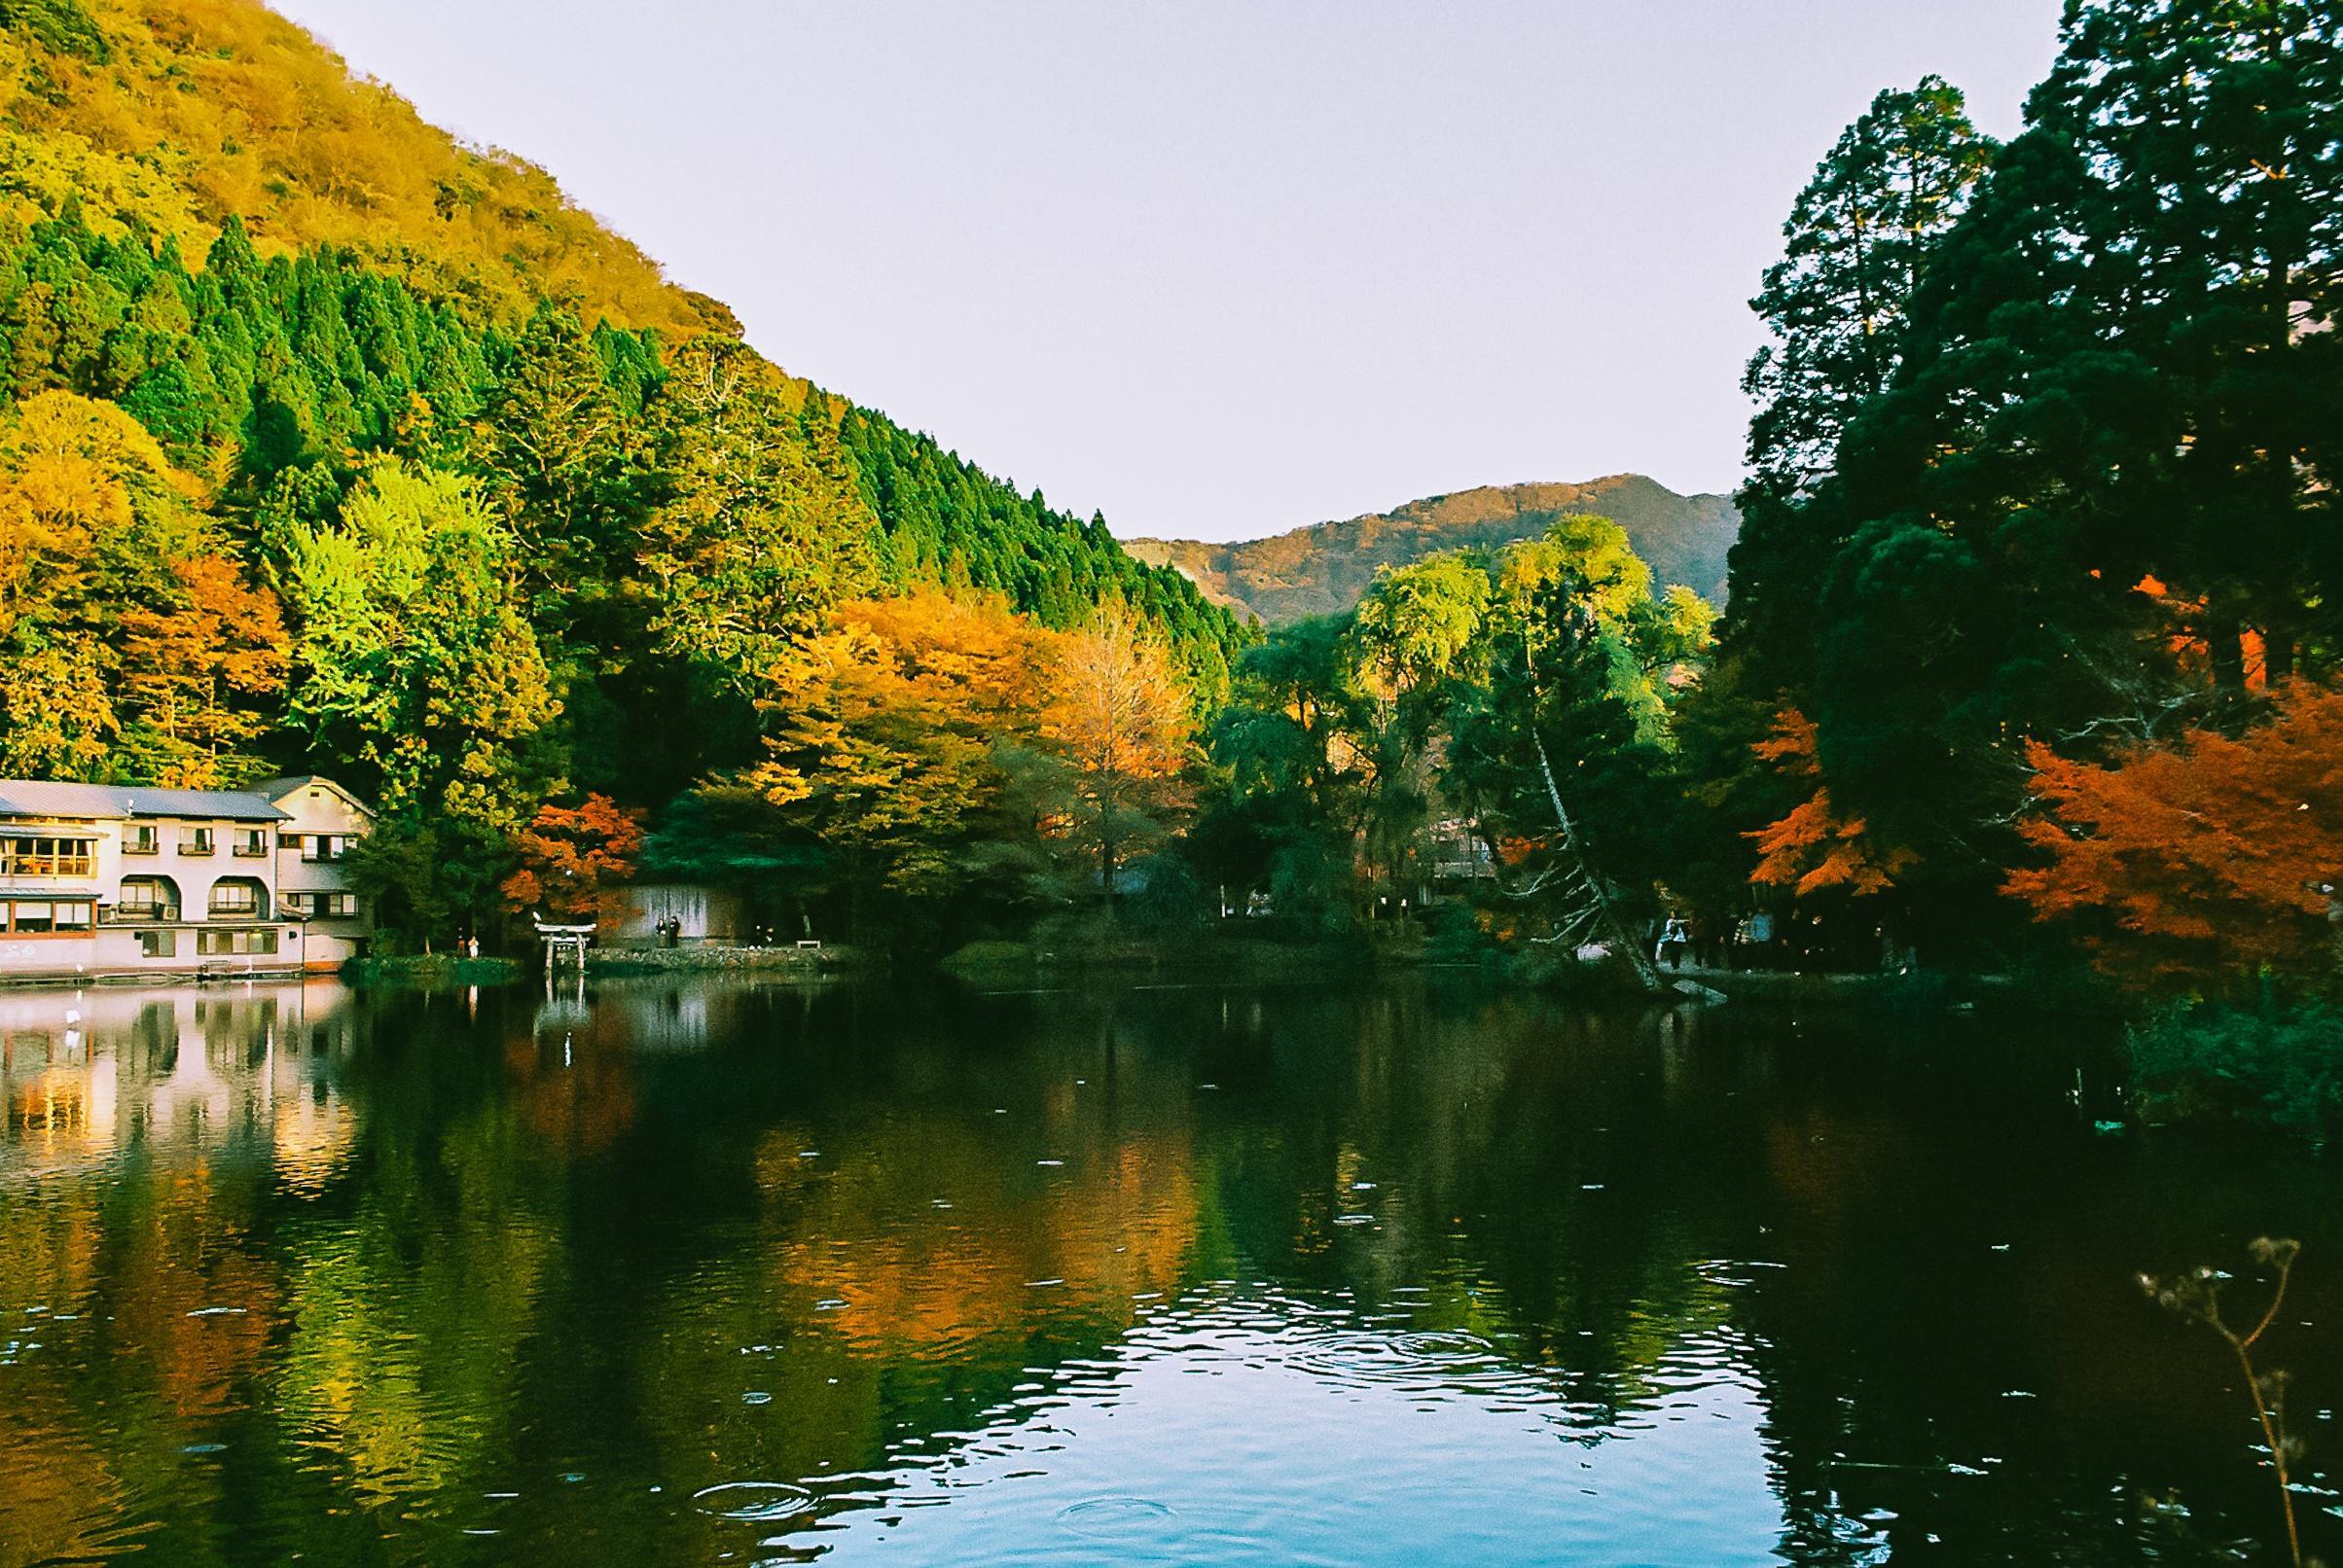 Yufuin, ngôi làng cổ tích ở Nhật Bản Ảnh 17